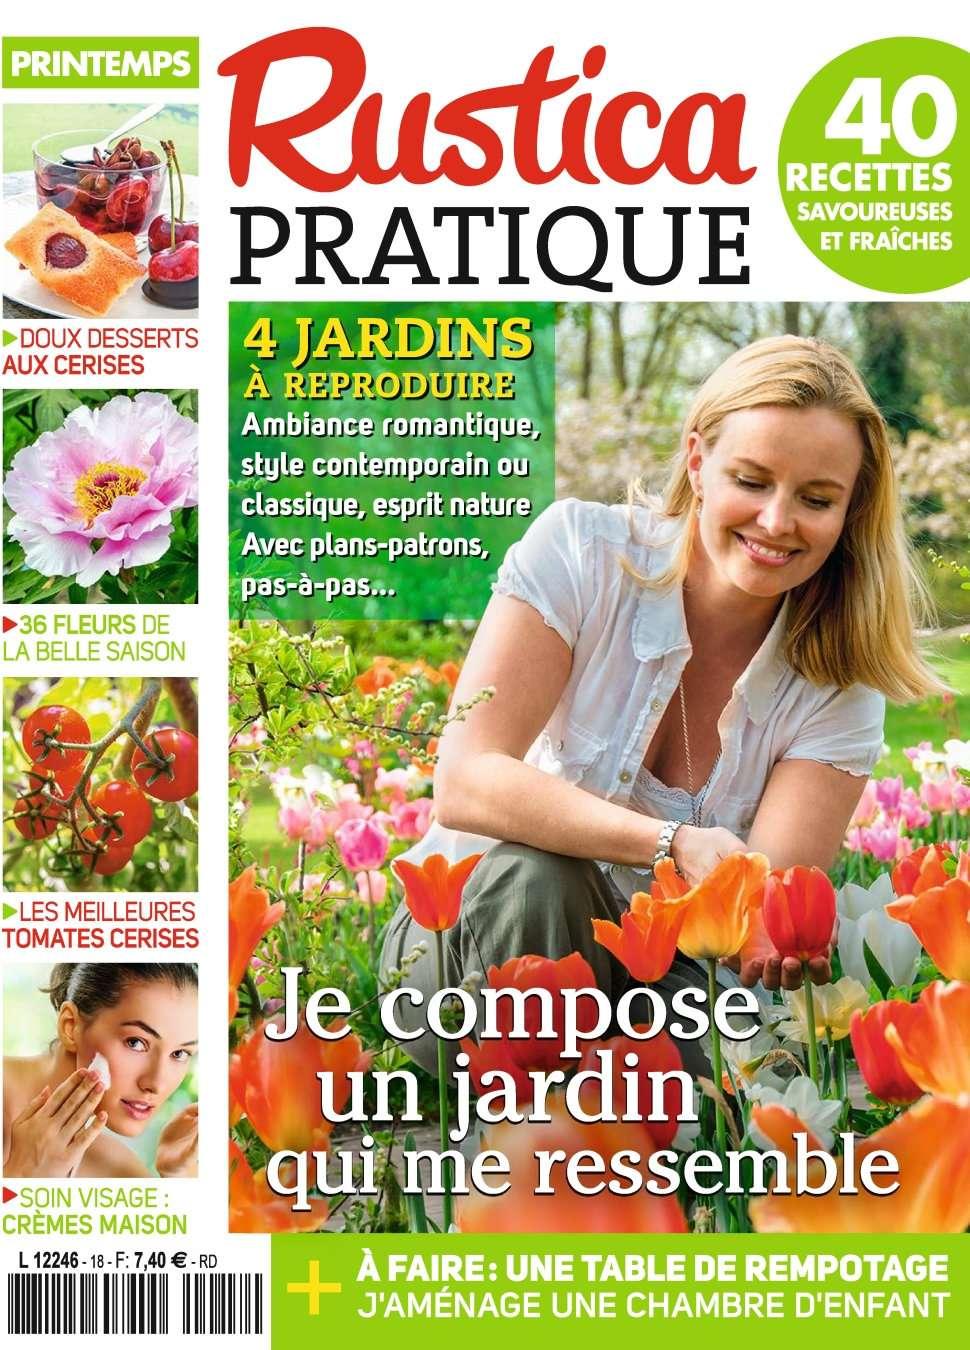 Rustica Pratique 18 - Printemps 2016